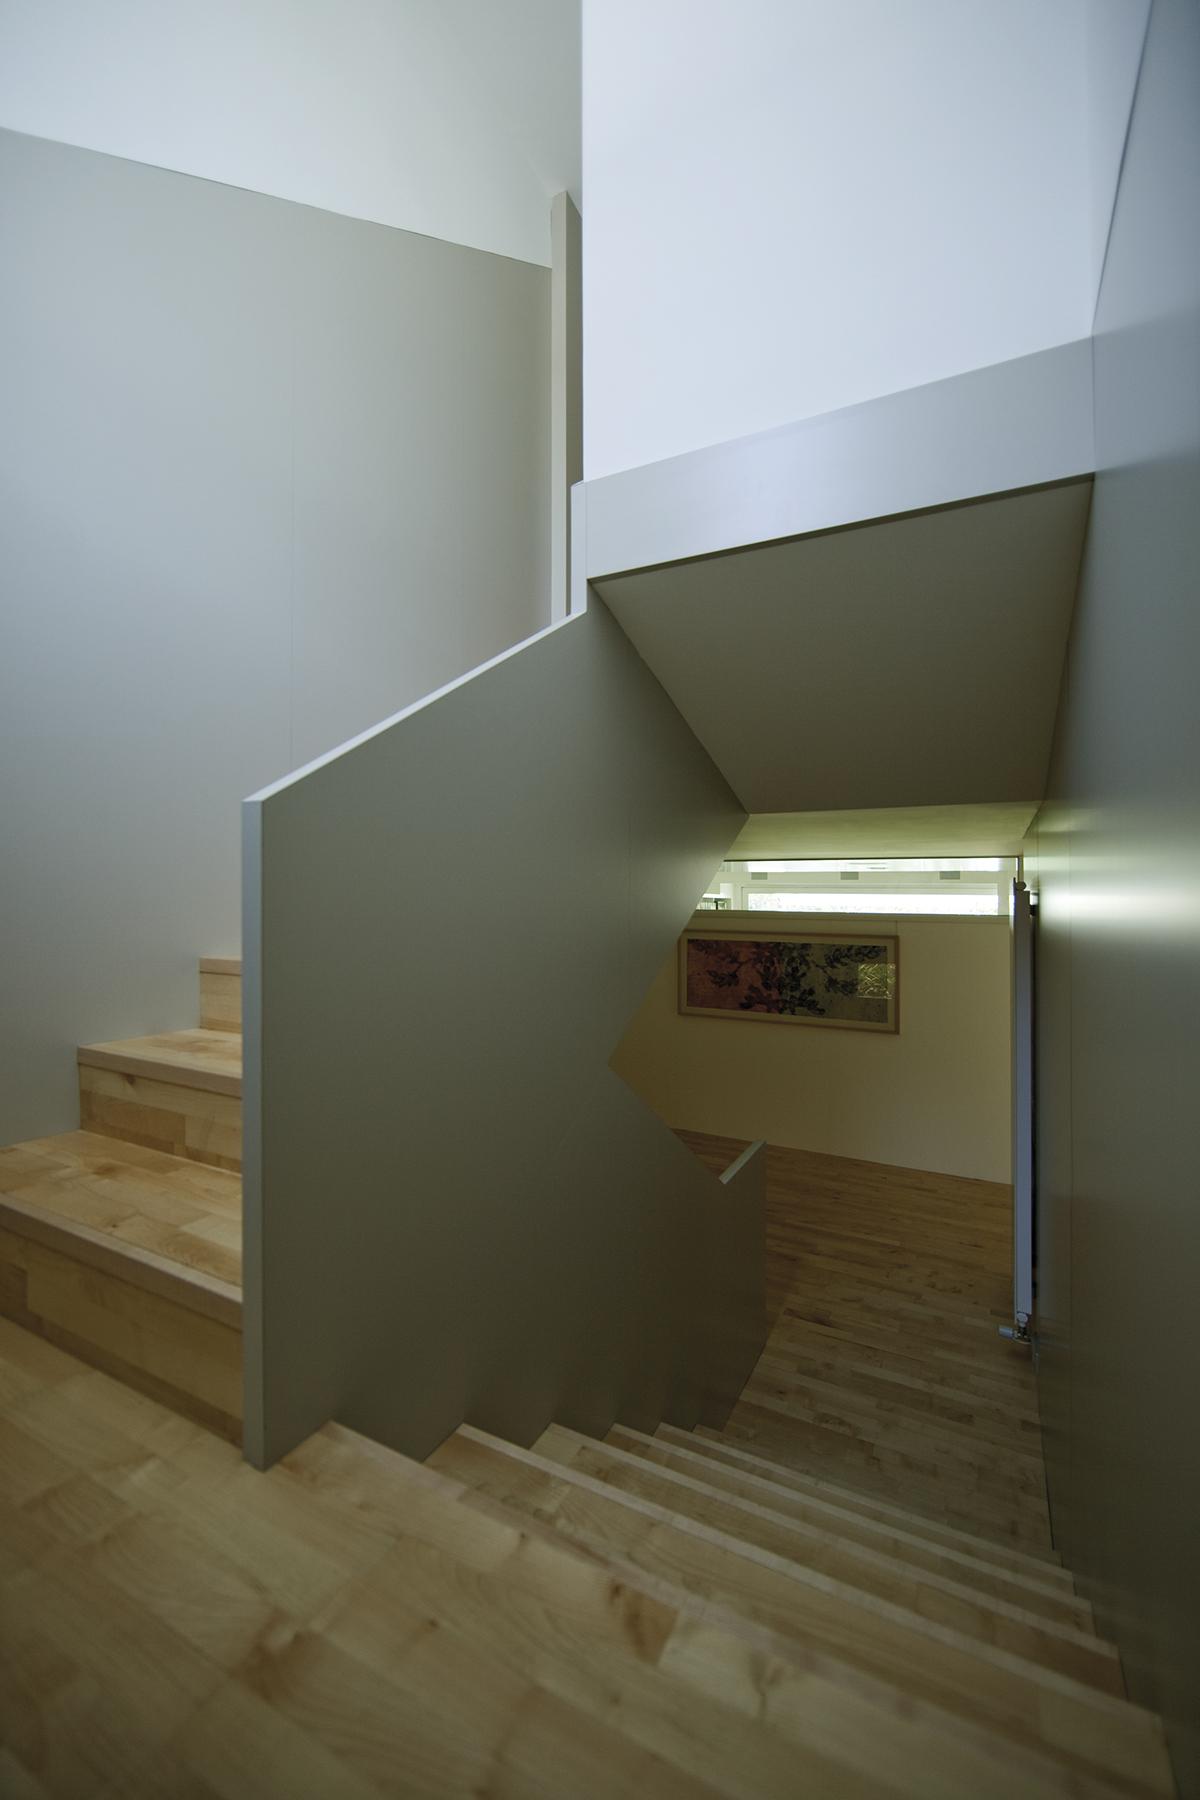 Reforma de una casa | Imagen de proyecto8